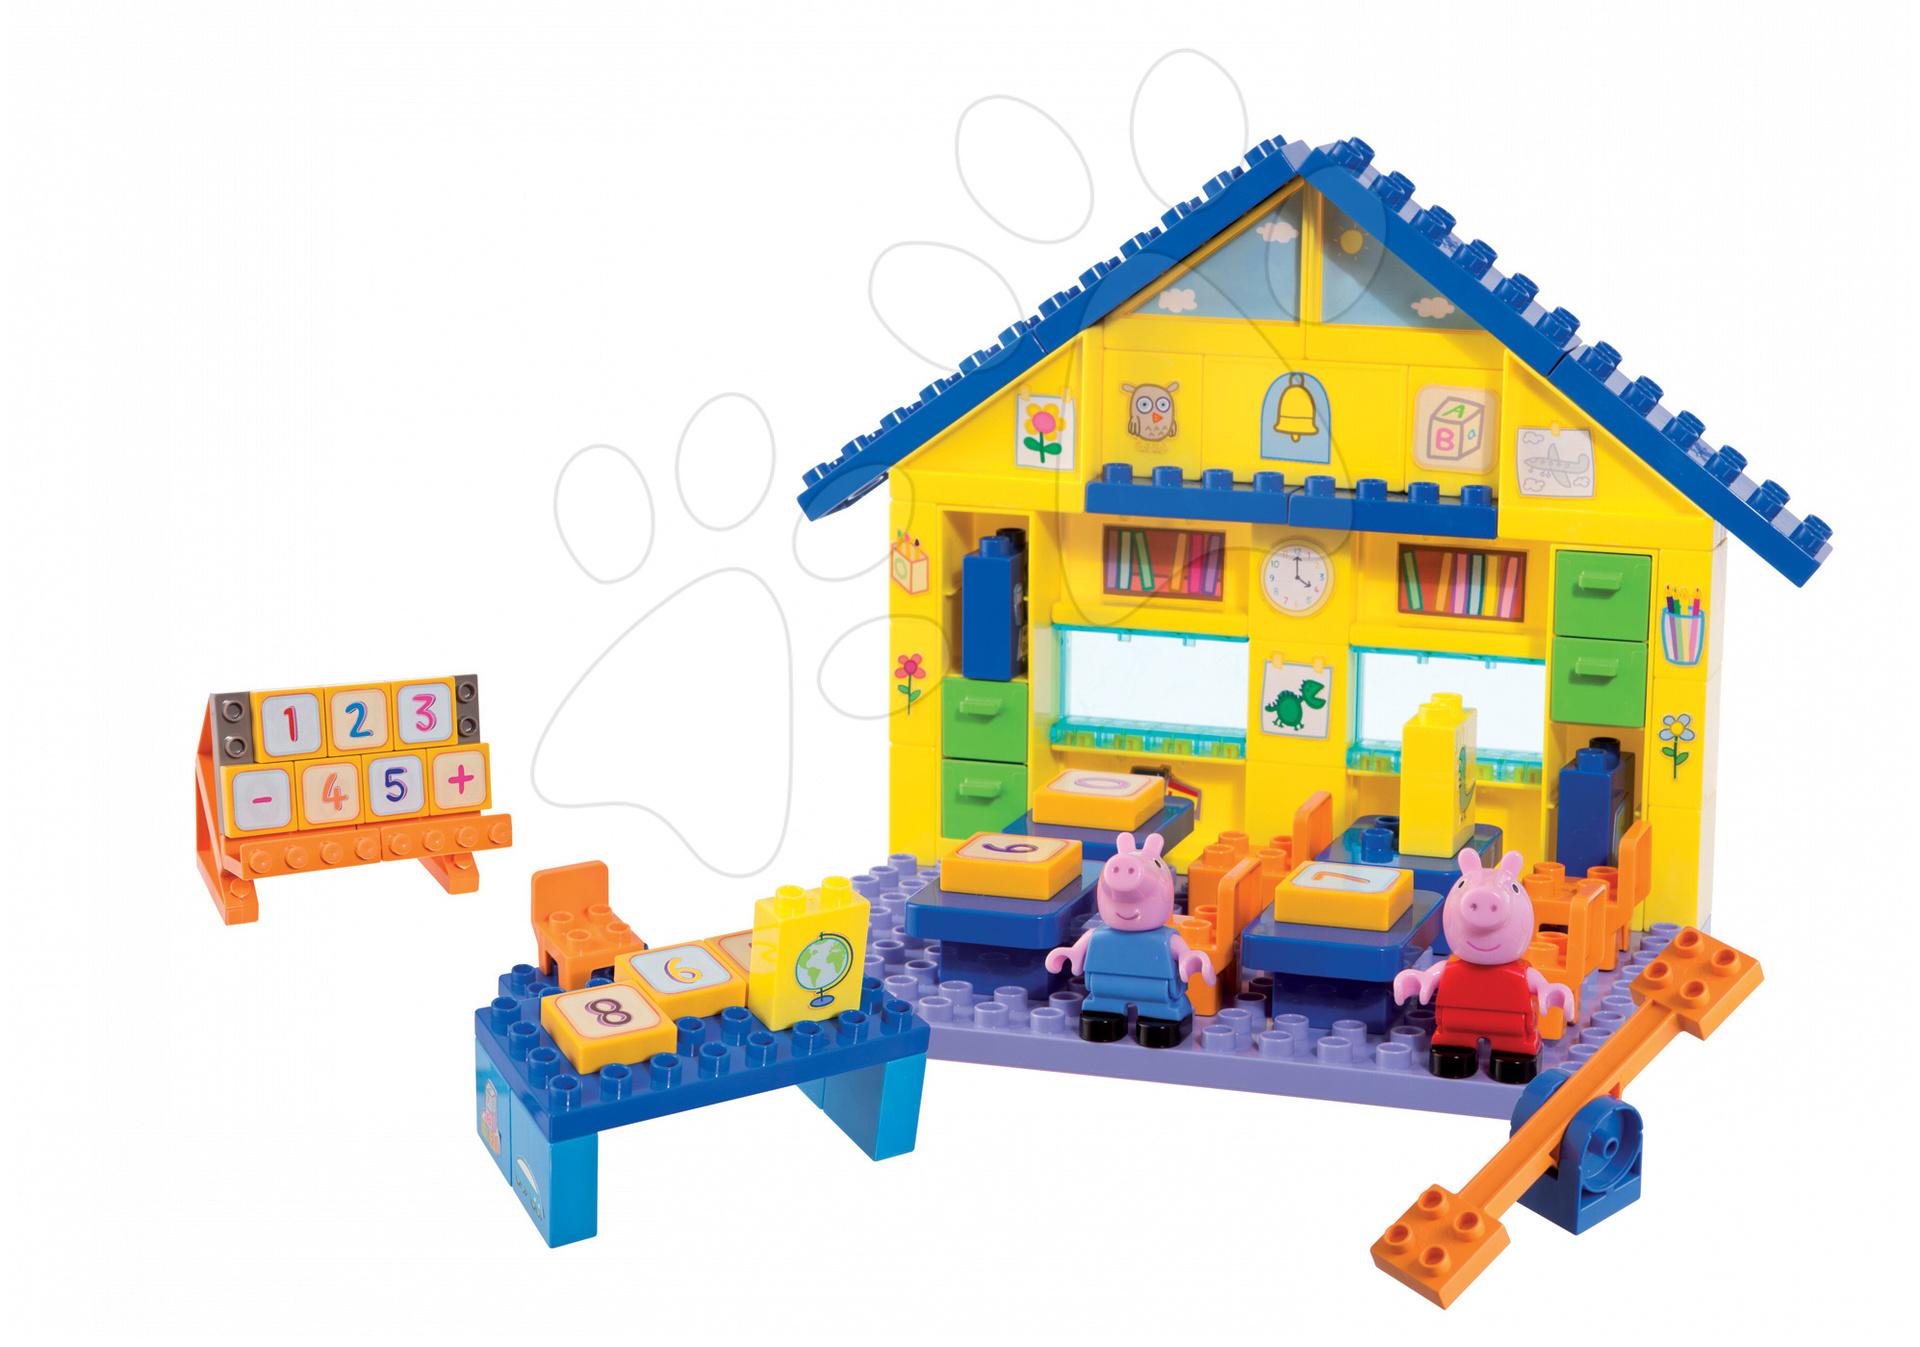 Joc de construit Peppa Pig la şcoală cu tabla înmulţirii PlayBIG Bloxx BIG cu 2 figurine 87 de piese